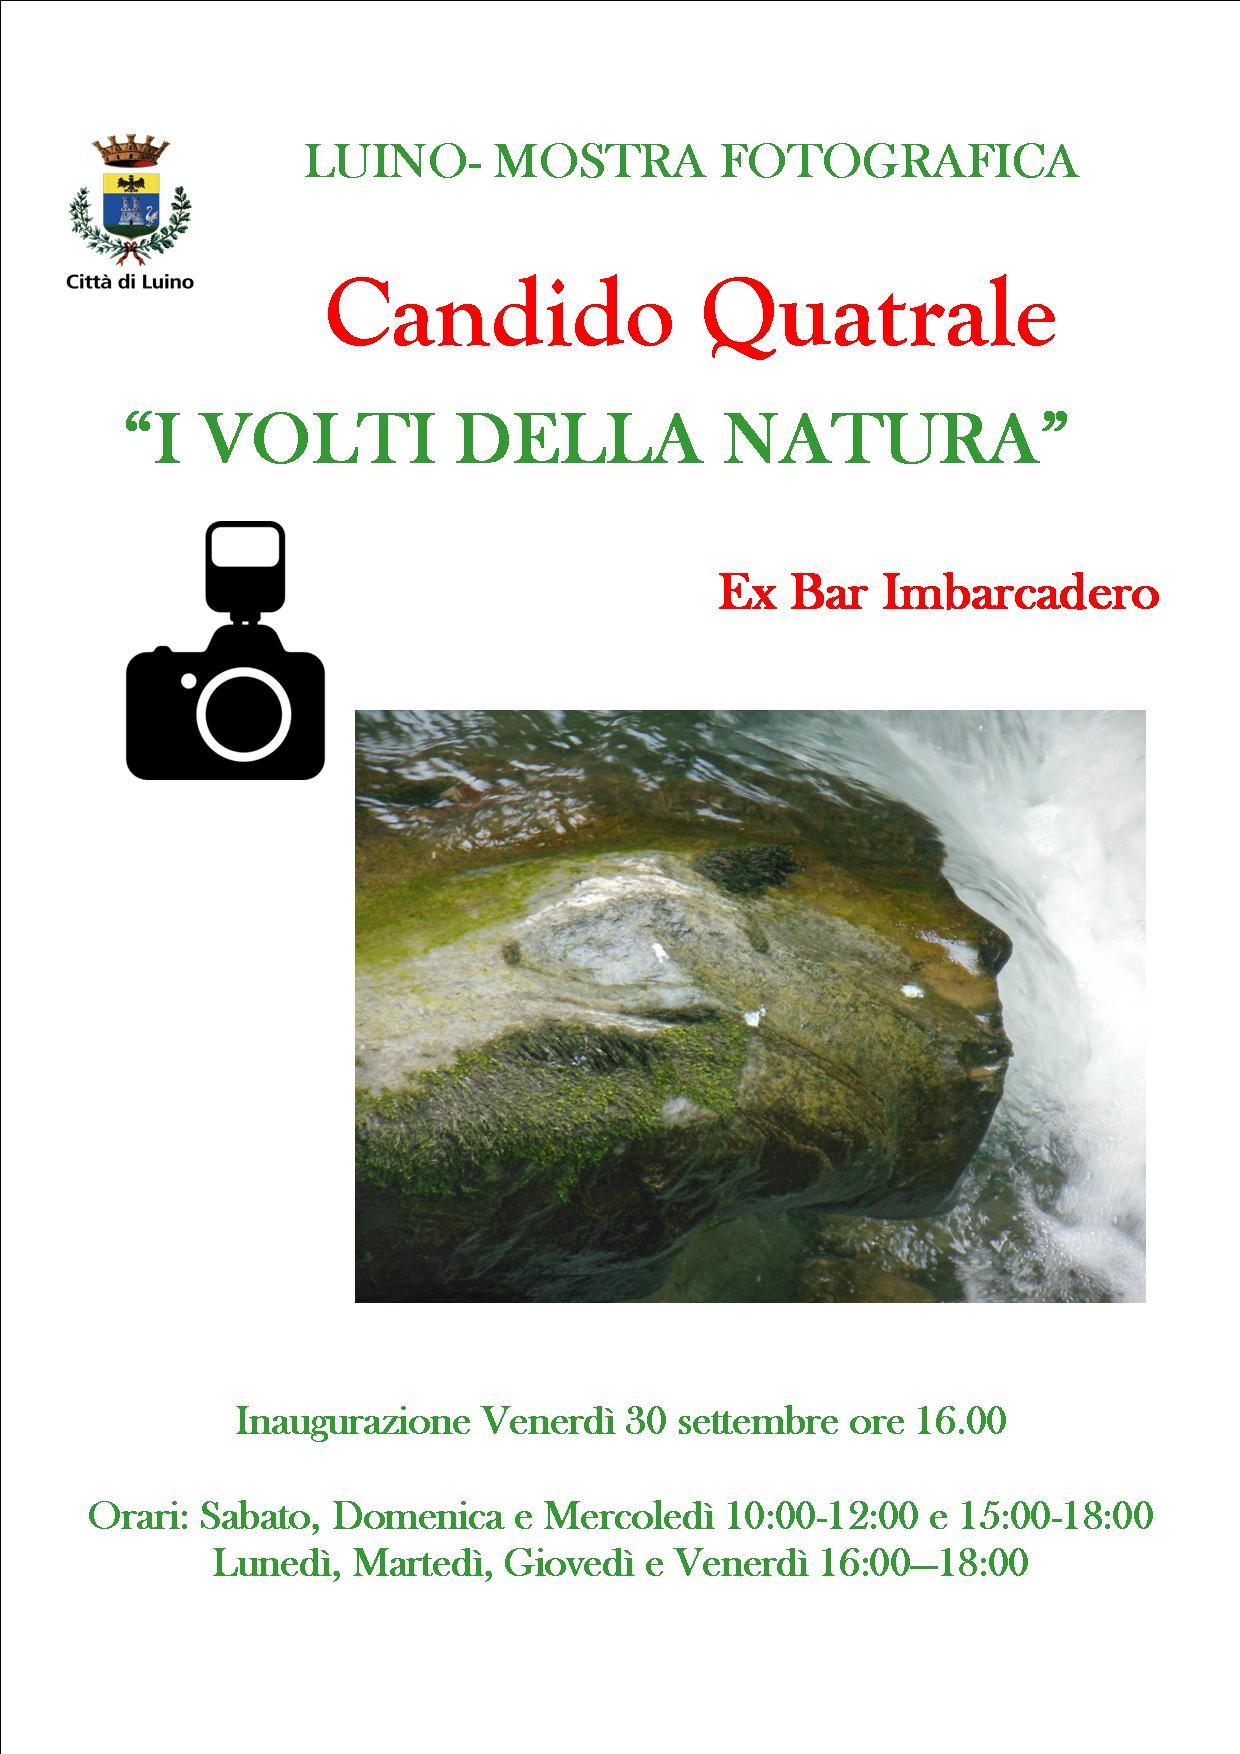 """Luino, venerdì 30 l'inaugurazione della mostra fotografica """"I volti della natura"""" di Candido Quatrale"""